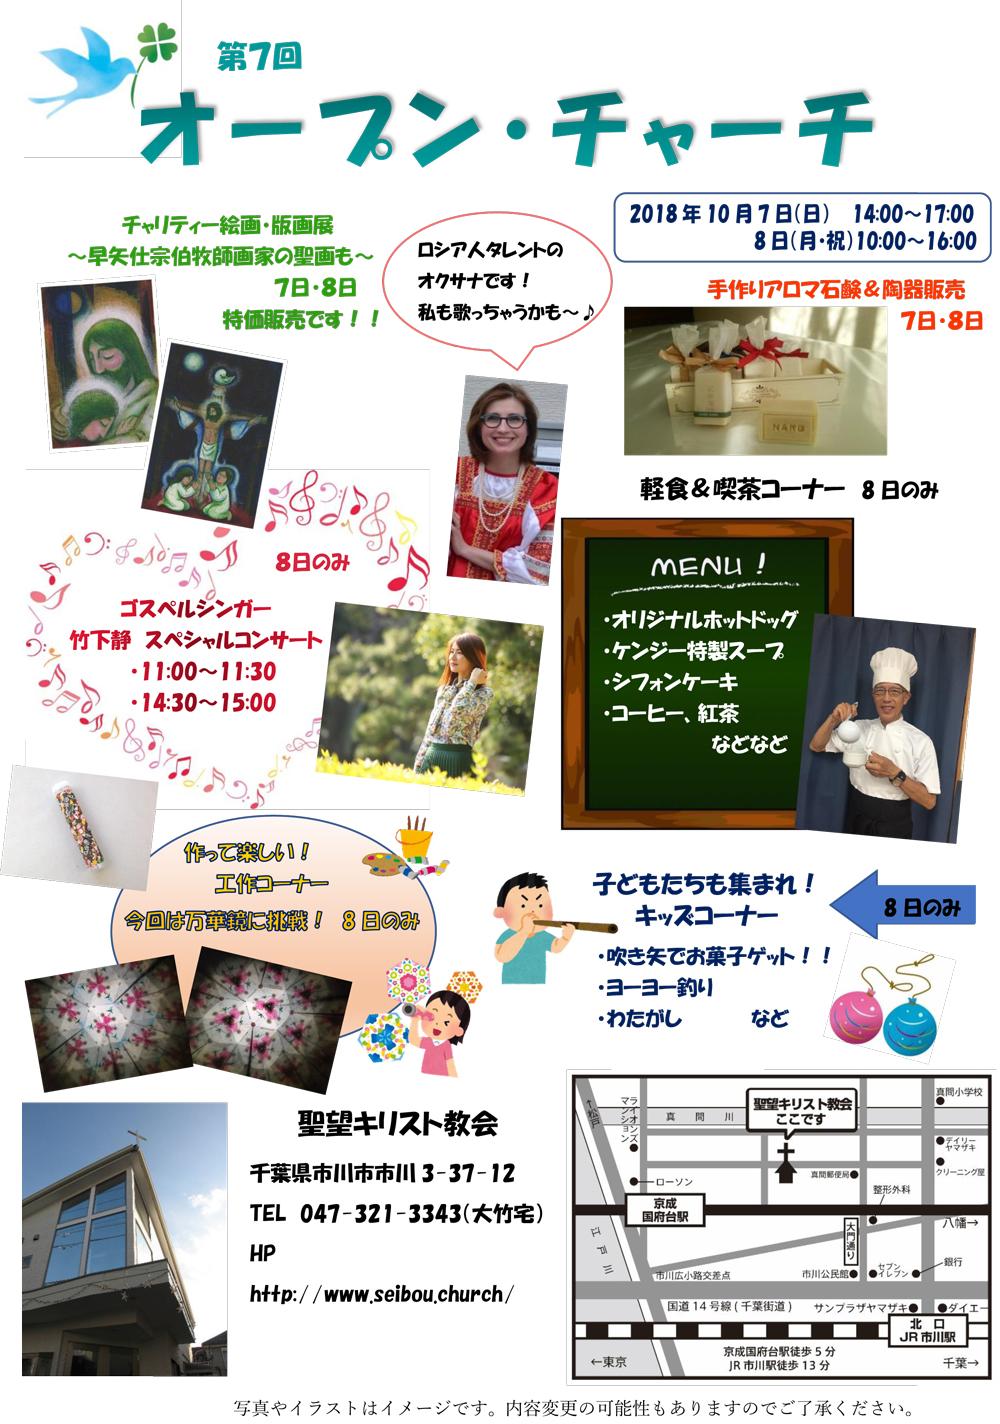 聖望キリスト教会オープンチャーチ @ 市川市 | 千葉県 | 日本